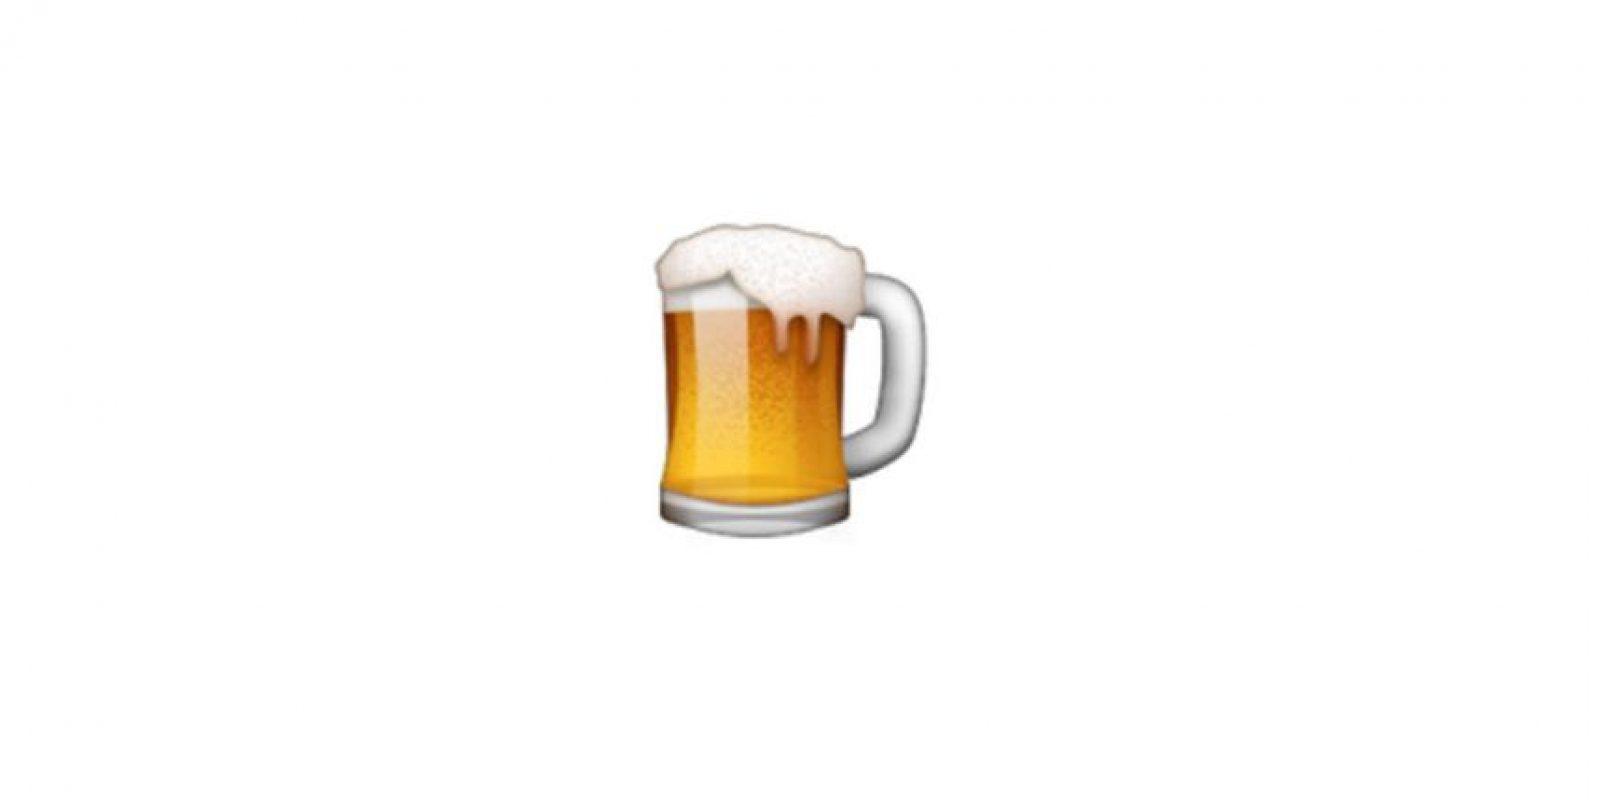 Y también en otras redes sociales. Foto:Emojipedia. Imagen Por: